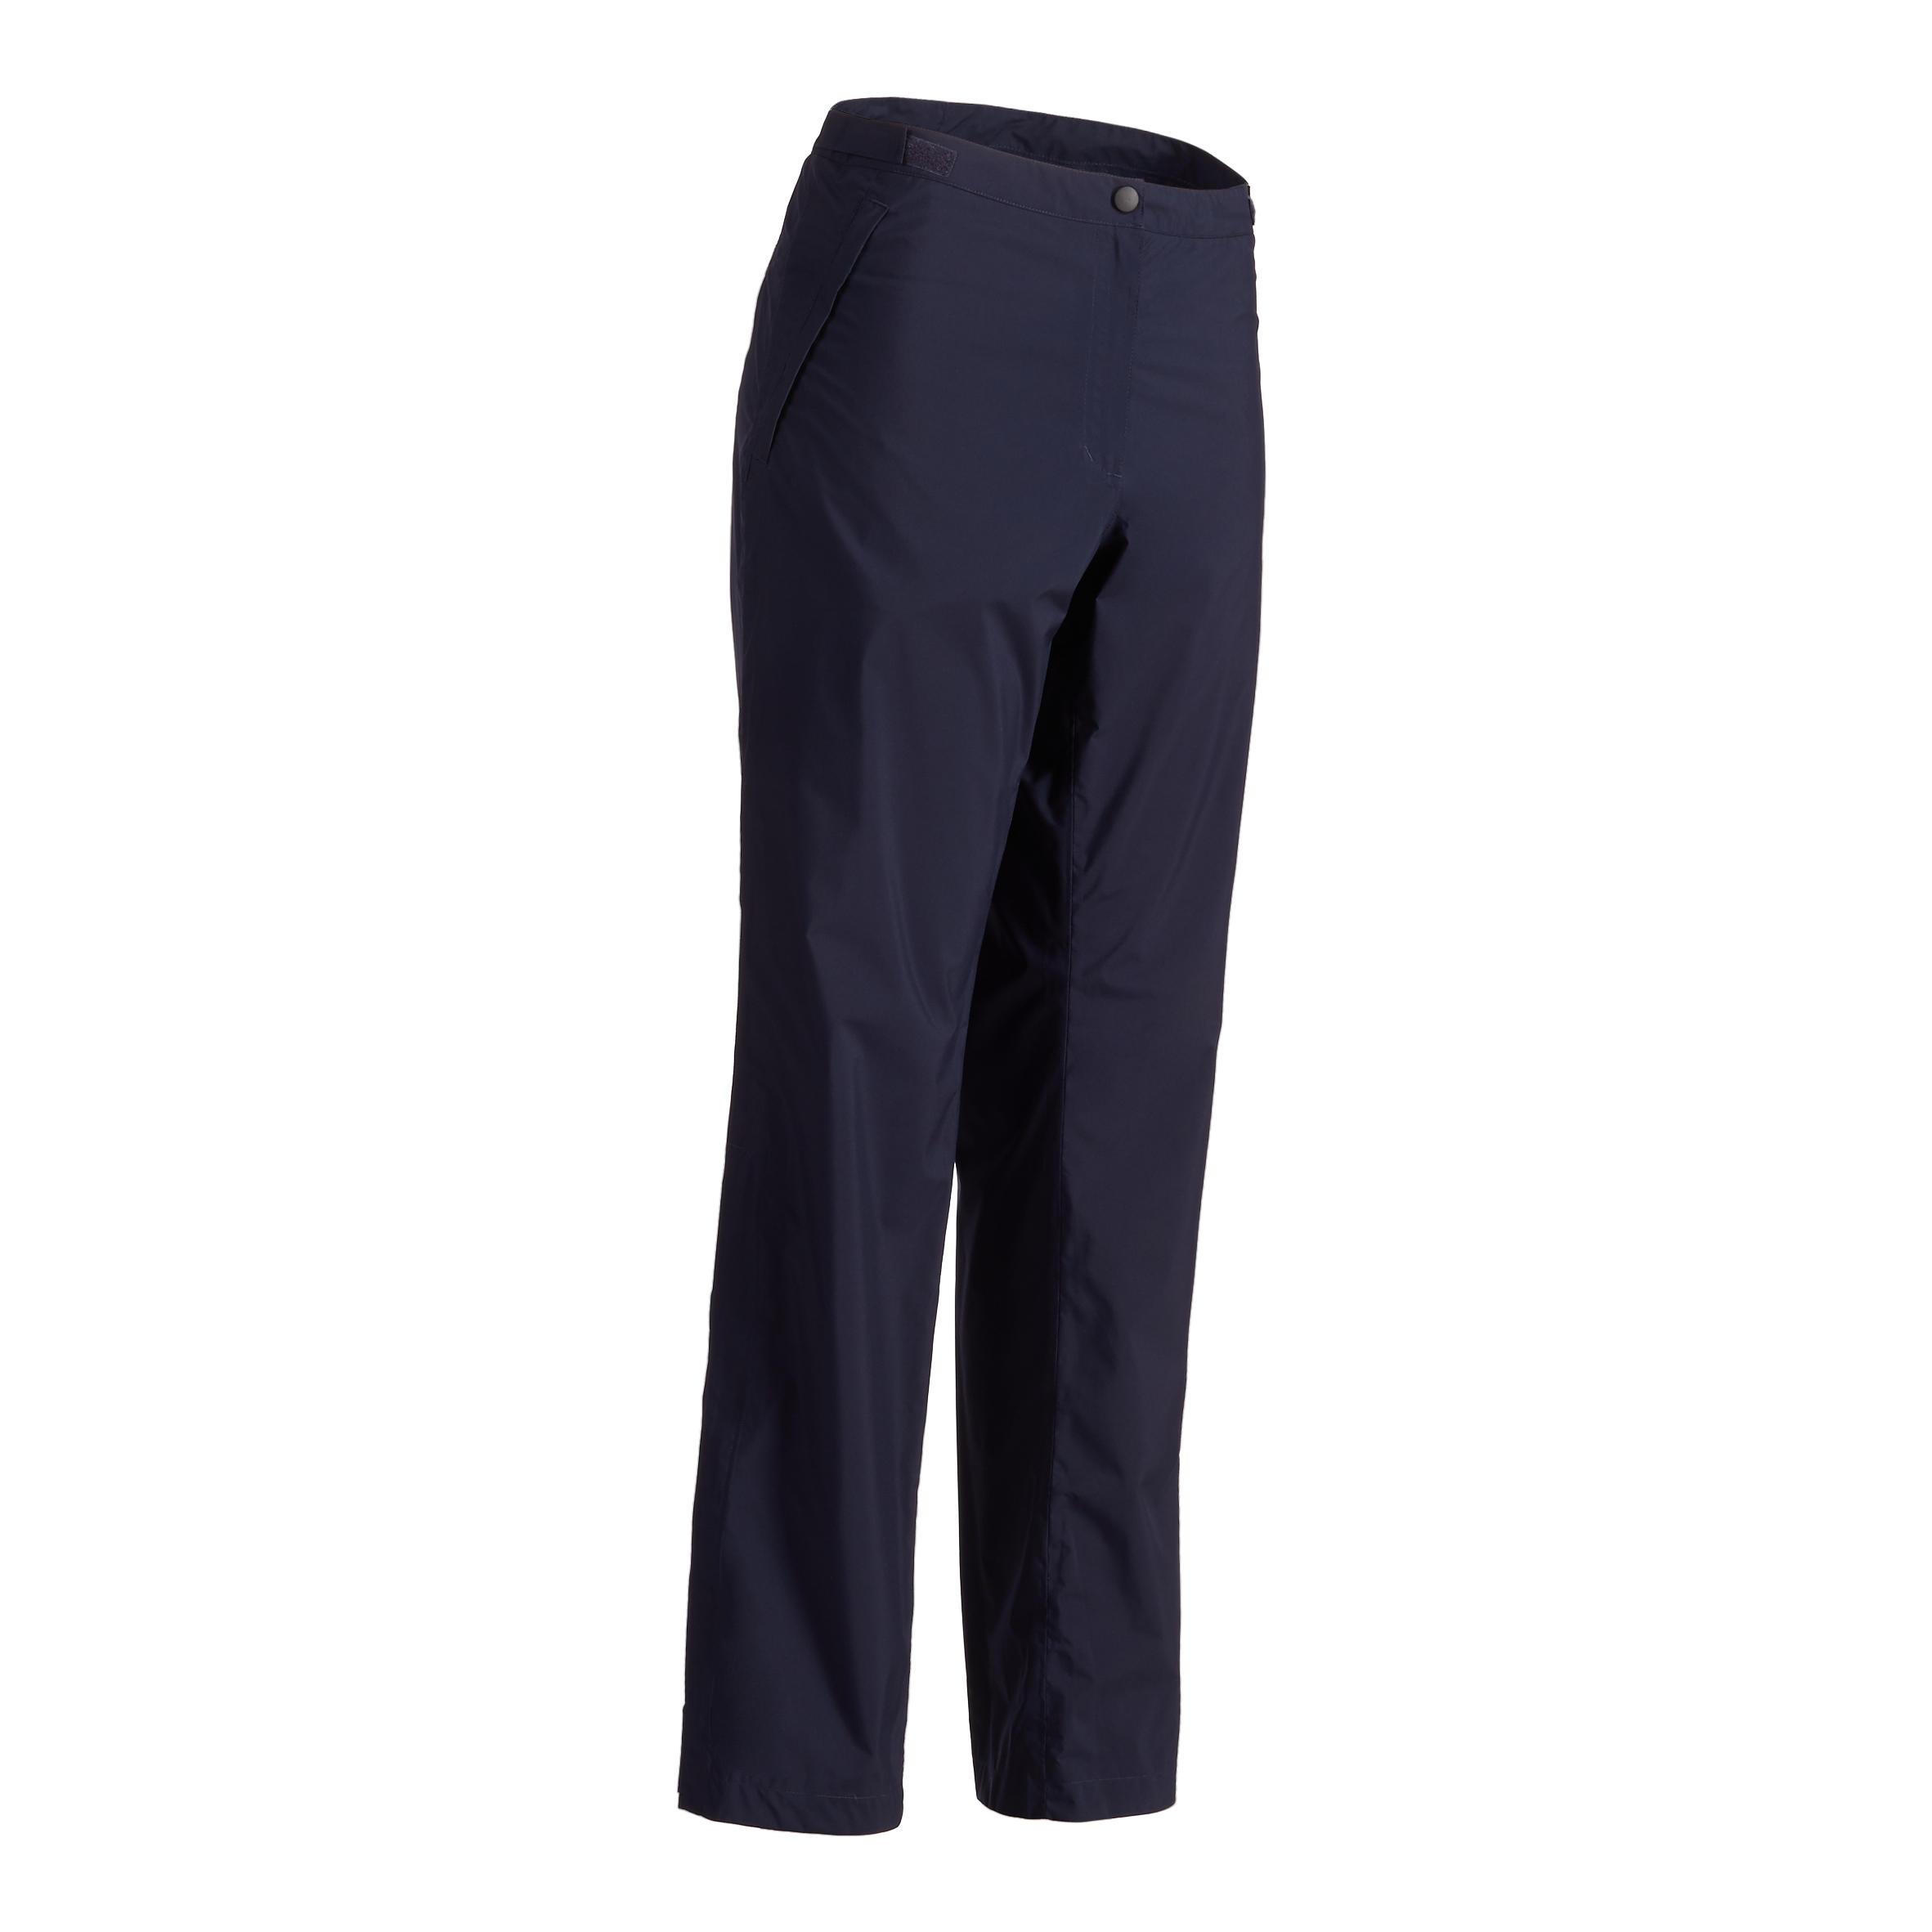 Pantalons imperméables Femme   Decathlon 26371746c705